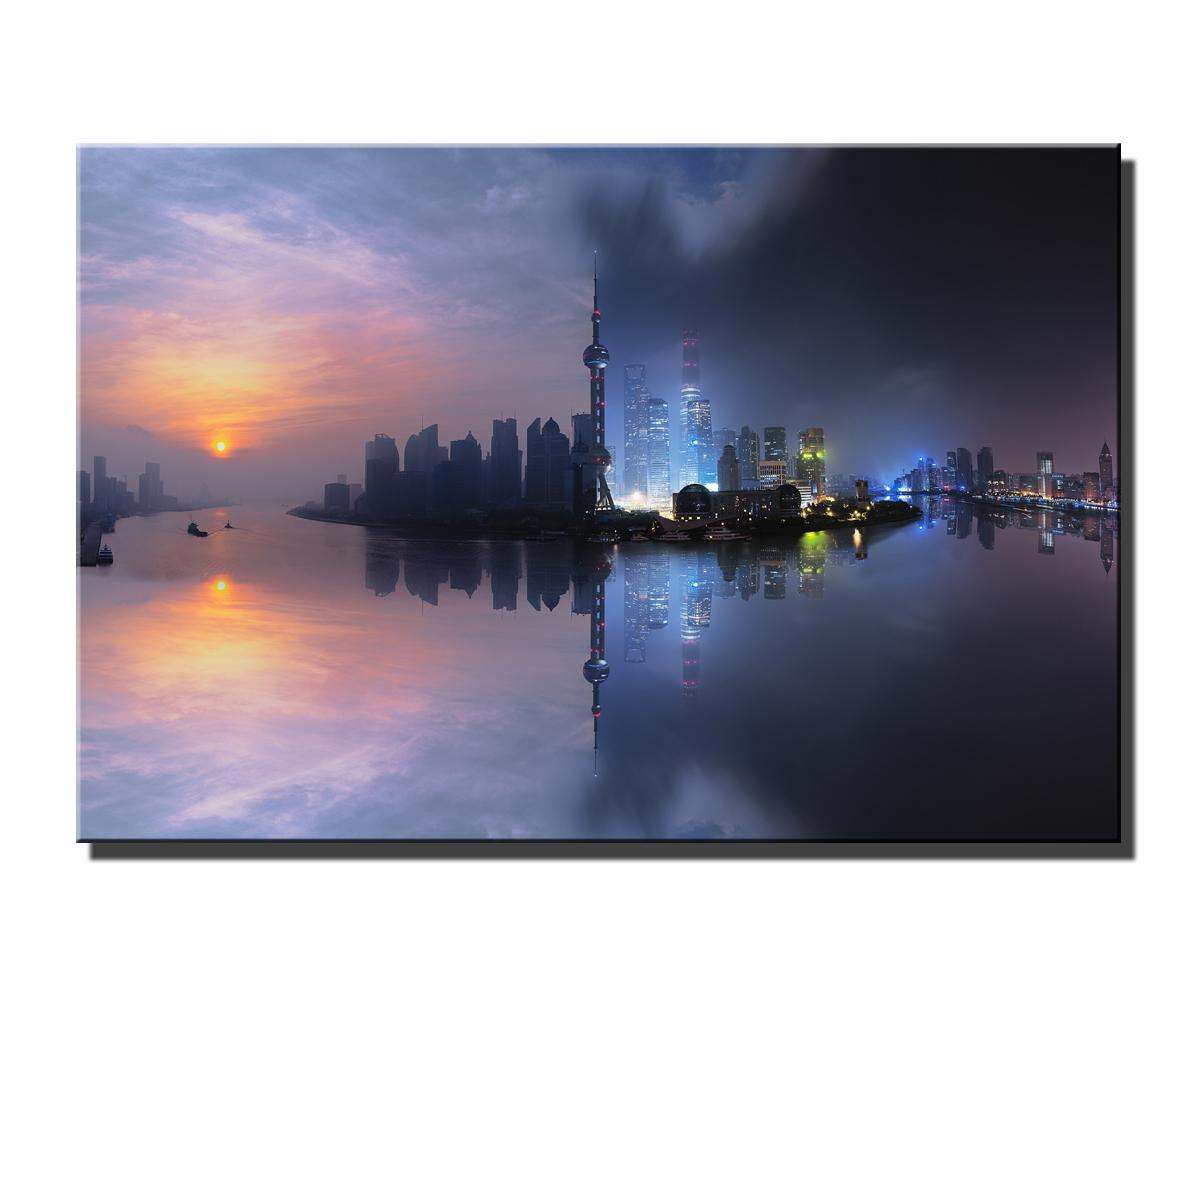 Satin Al Shanghai Gunduz Ve Gece Hd Tuval Baski Yeni Ev